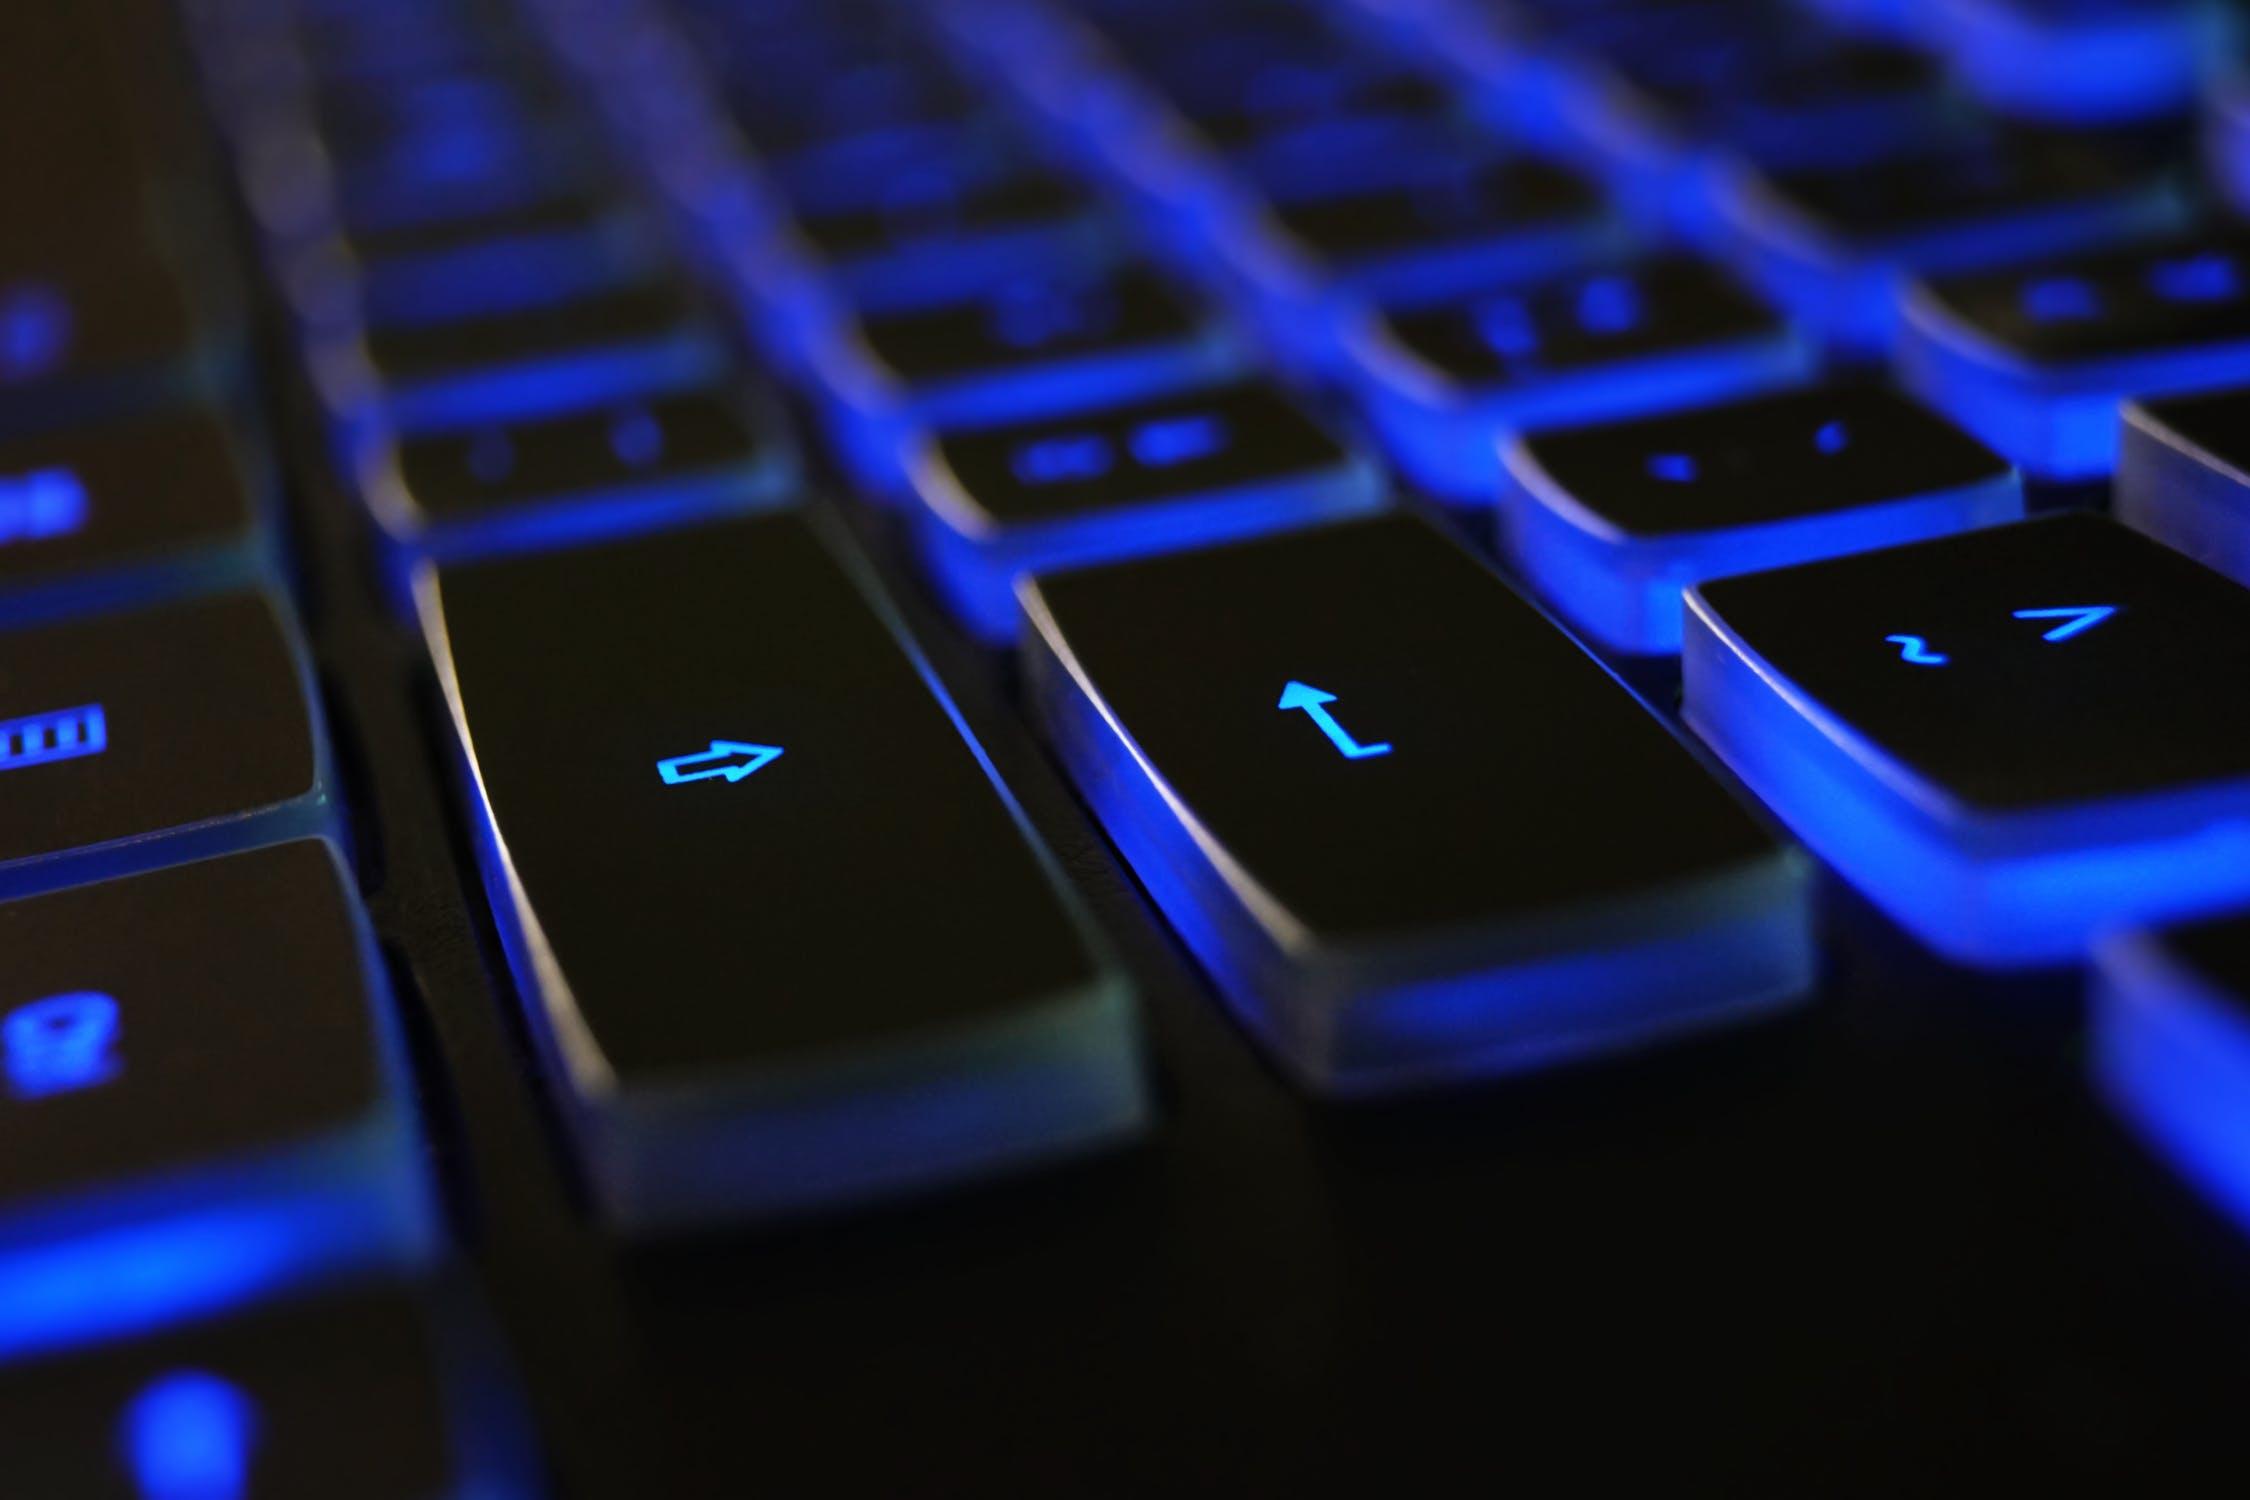 keyboard abstract